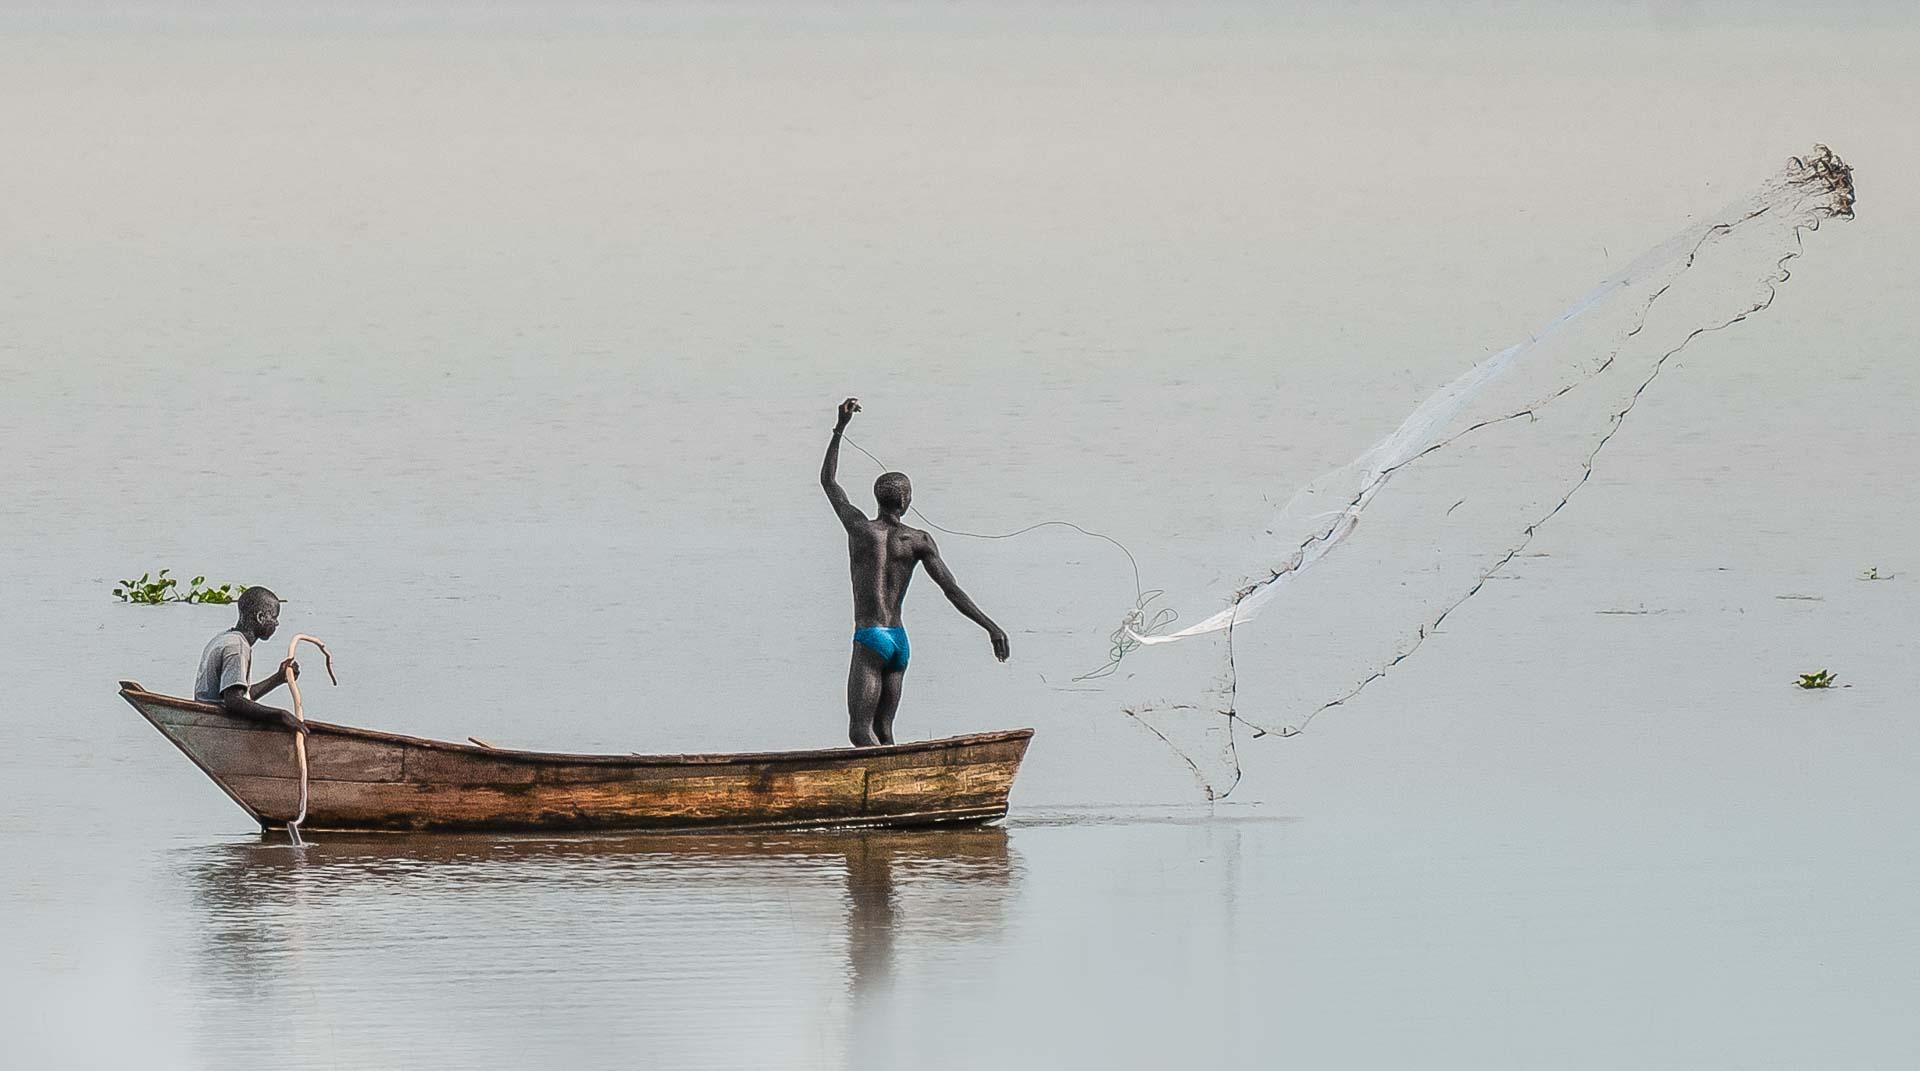 Fishermen, Nile River, Uganda